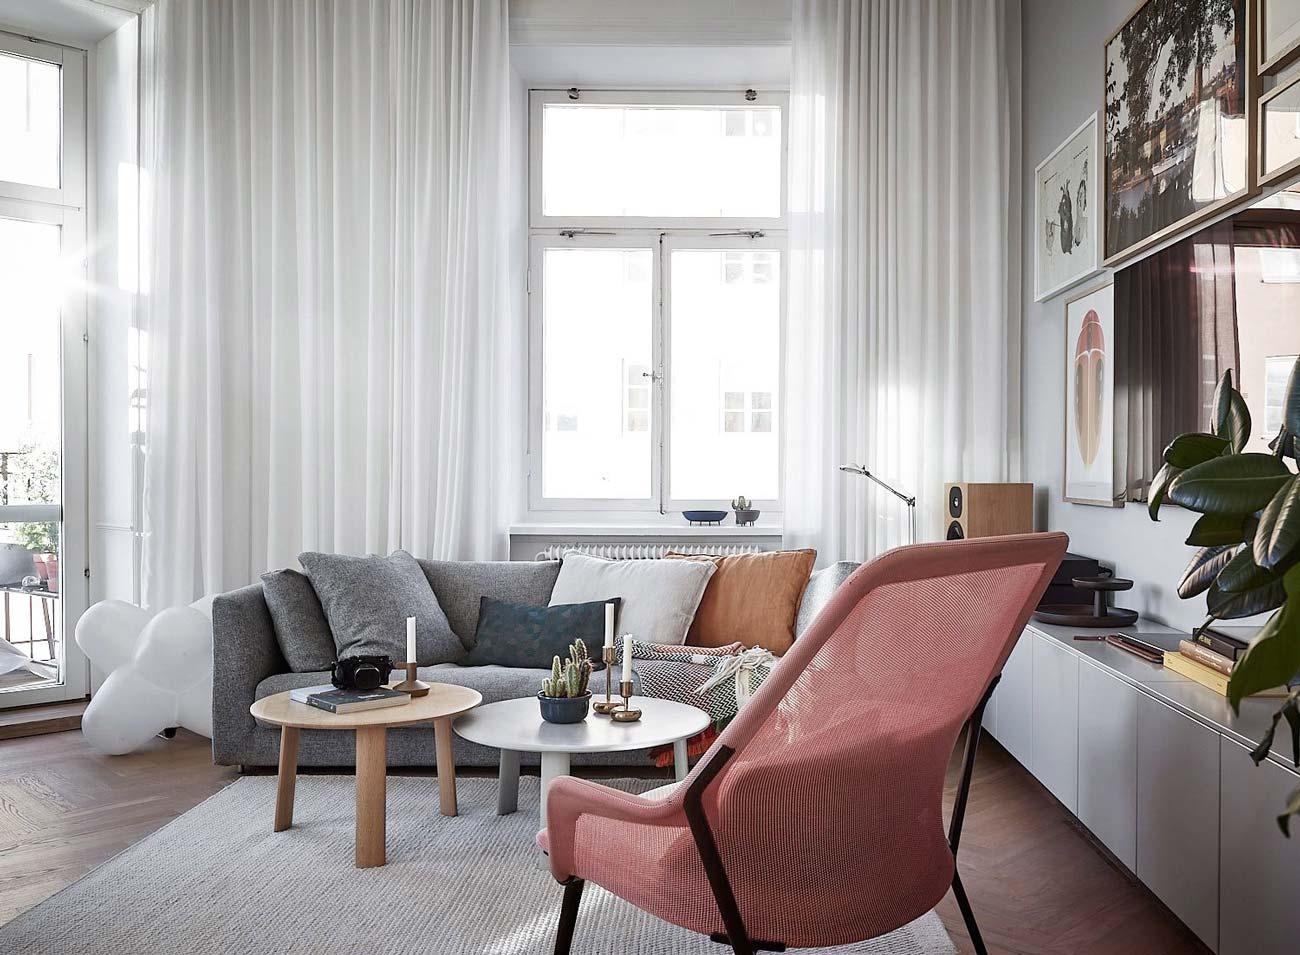 Arredamenti milani arredamento soggiorno moderno design. Tende Moderne Per Interni Tutto Cio Che Devi Sapere